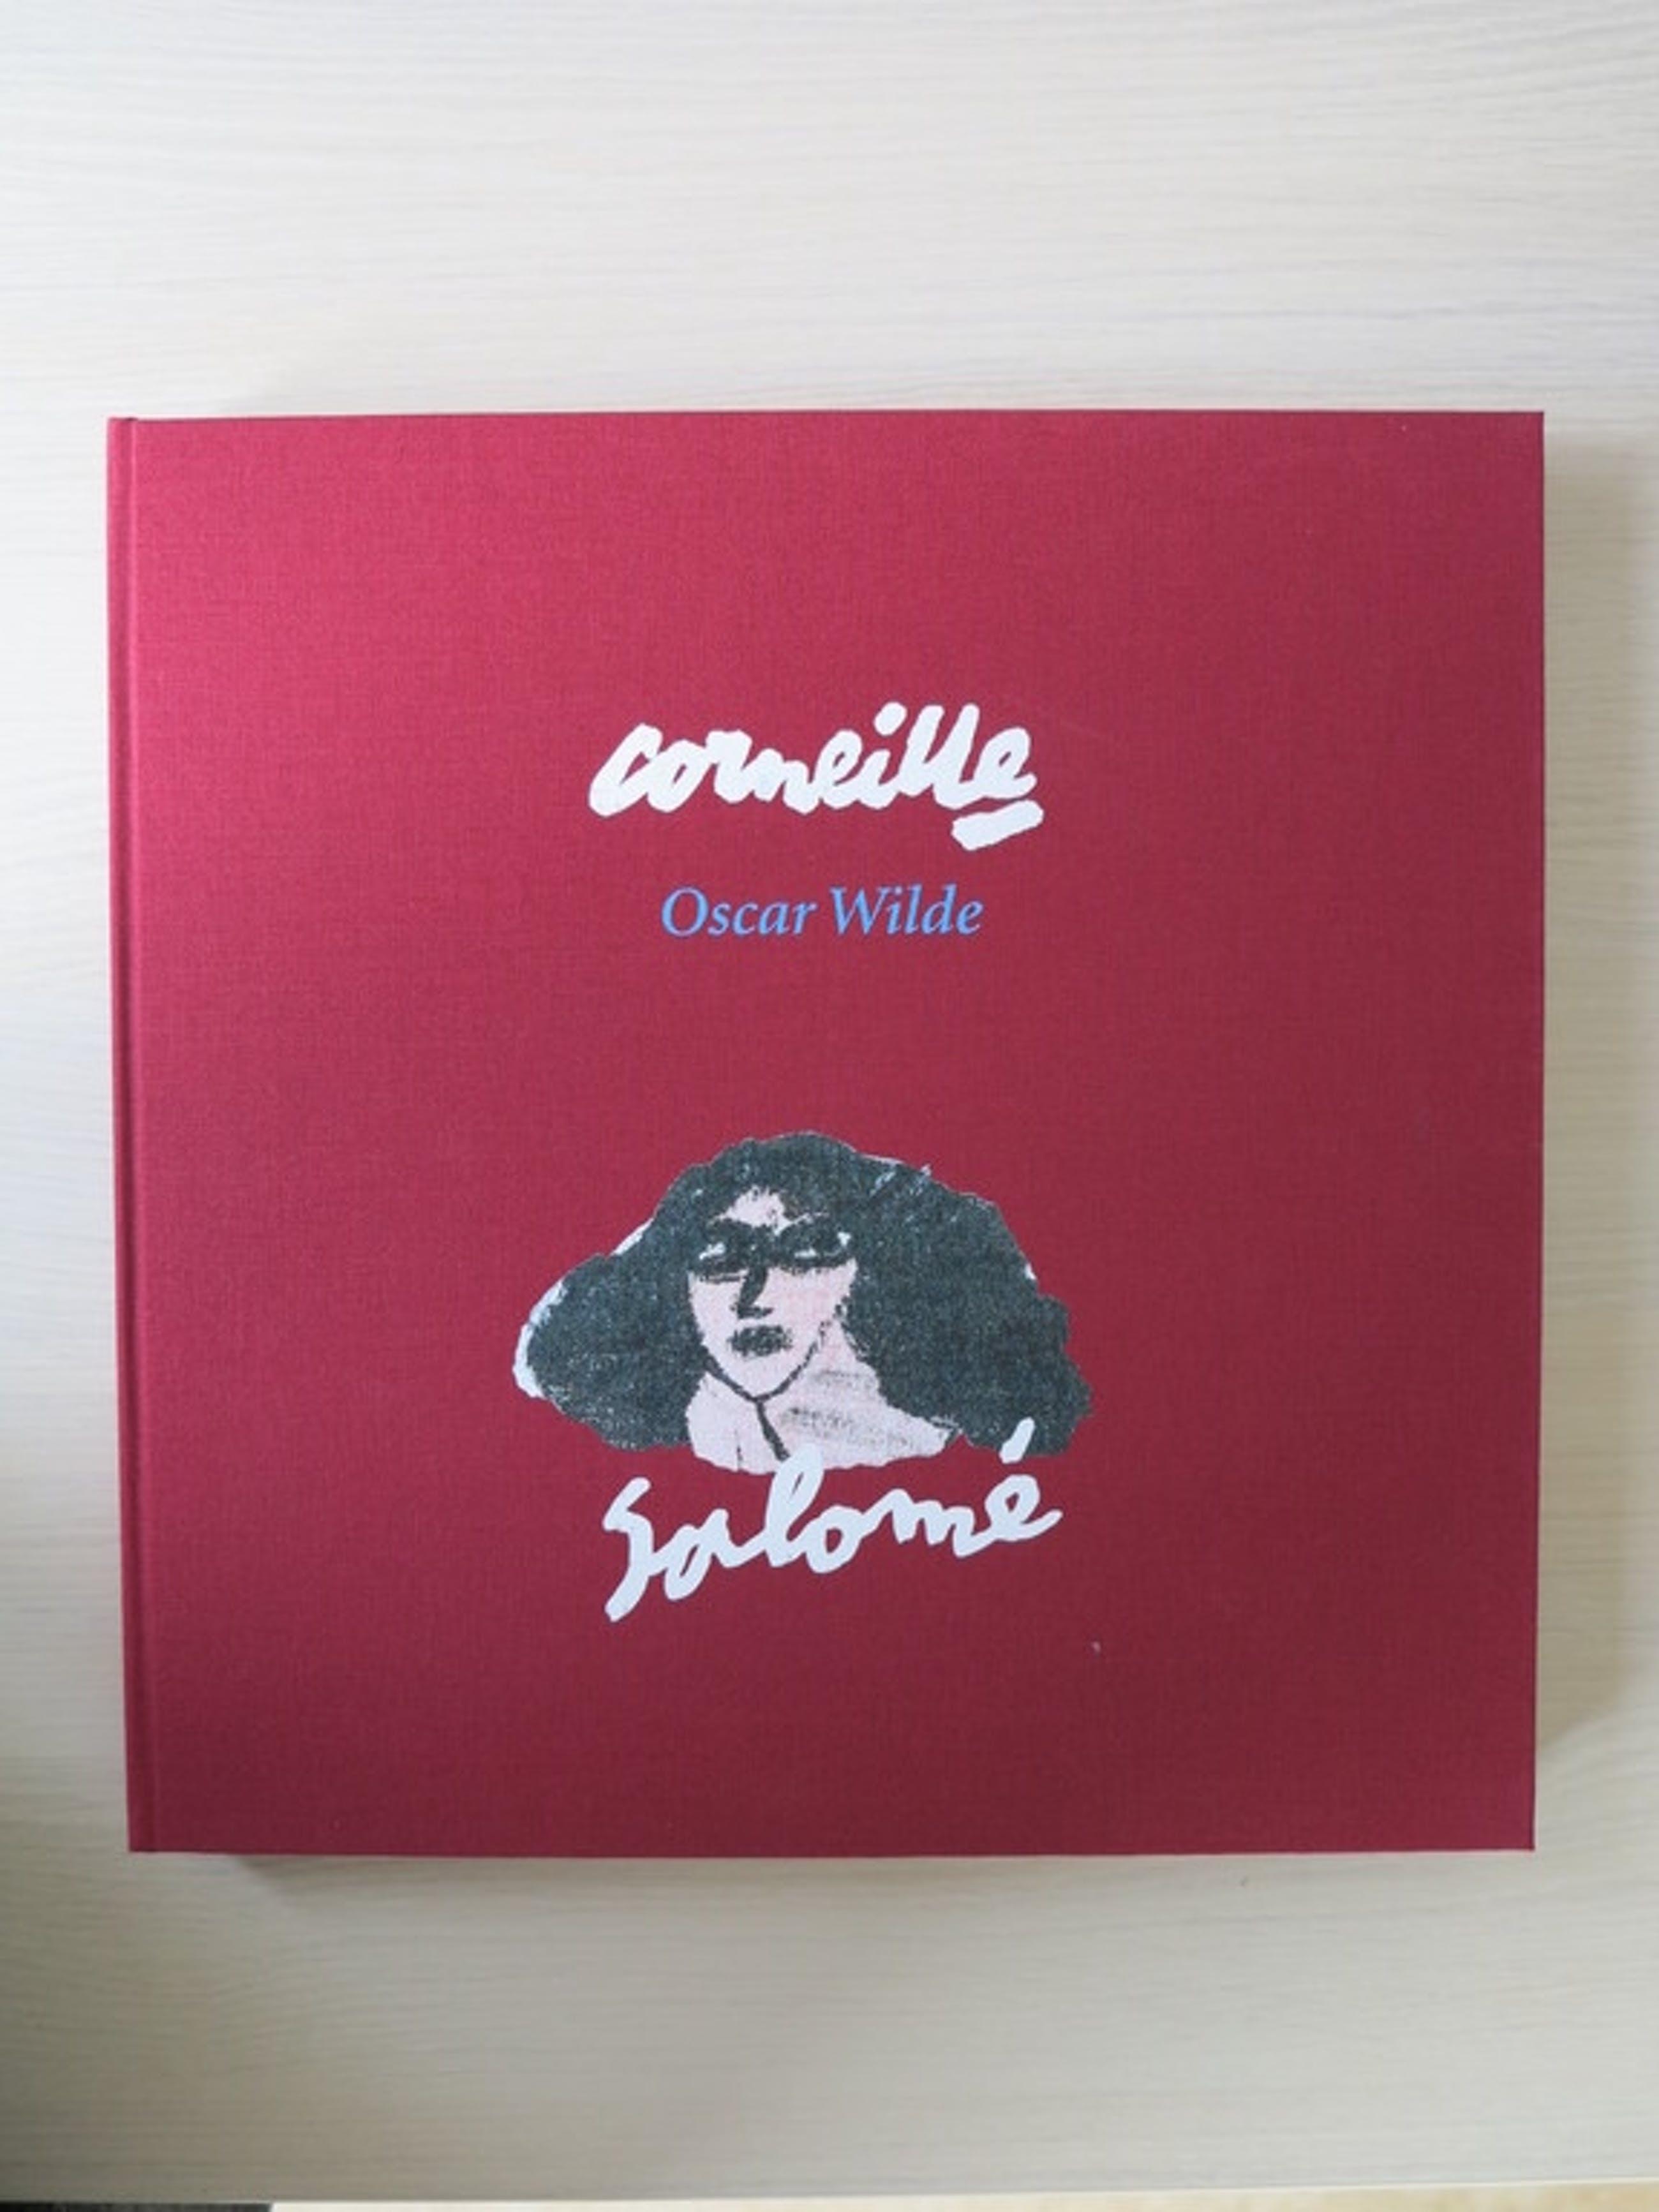 Corneille - Oscar Wilde - Gesigneerd compleet boek - 13 zeefdrukken - 2 gesign. kopen? Bied vanaf 700!